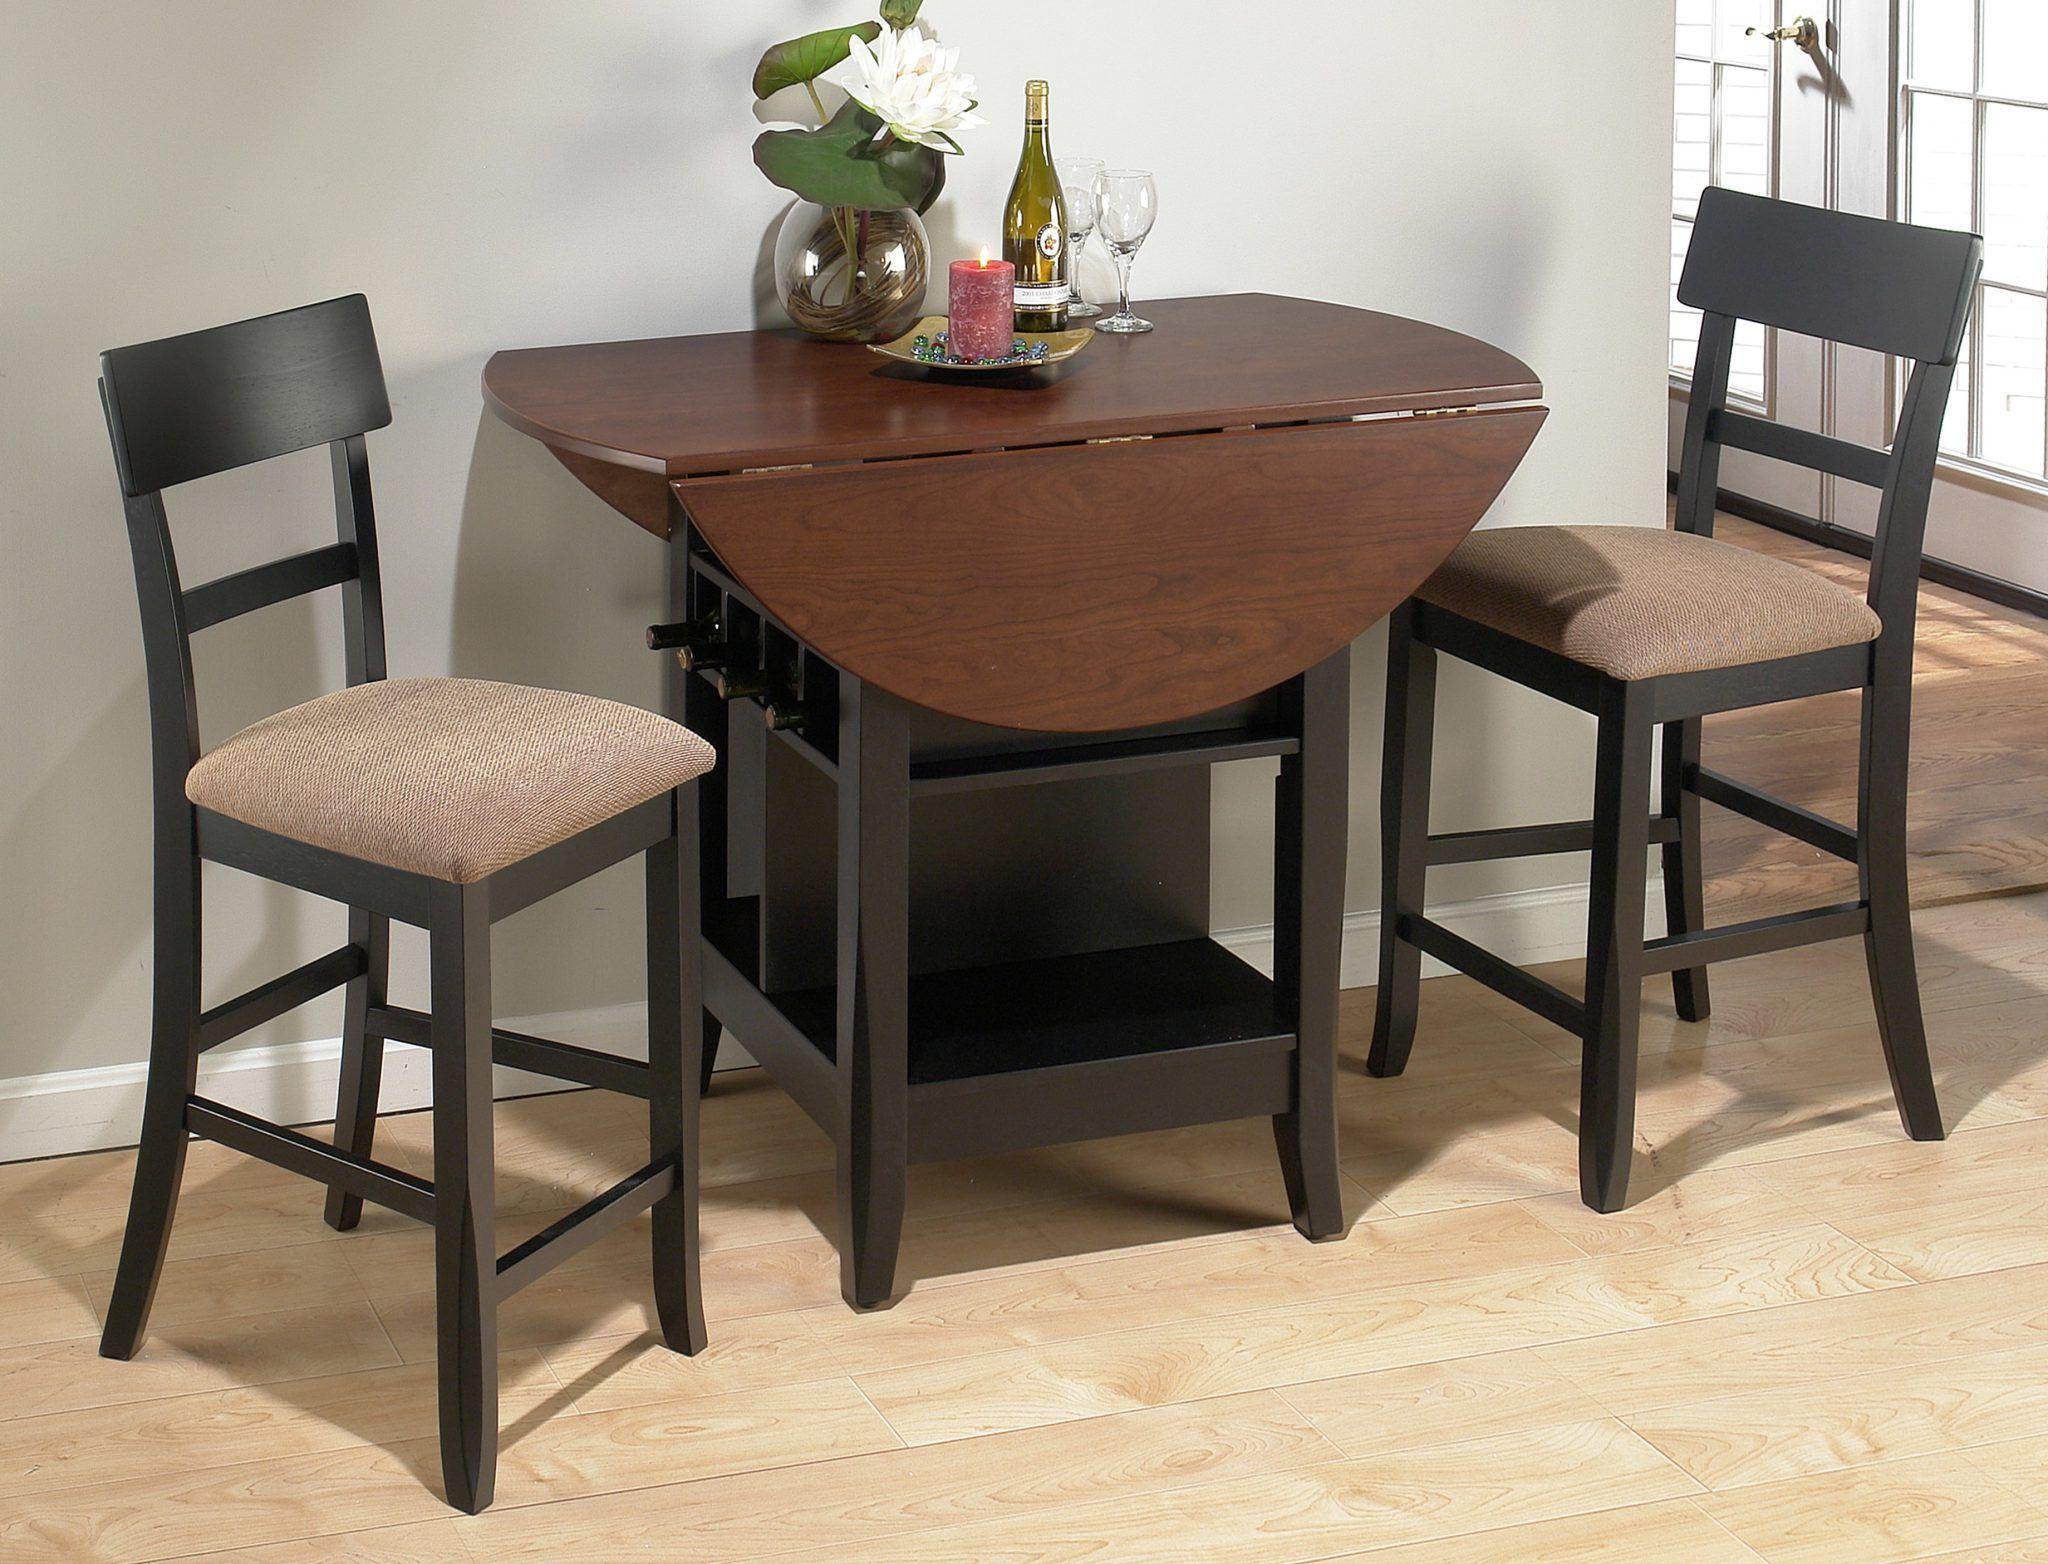 Am Besten 20 Kleine Moderne Kuche Tisch Platz Small Table